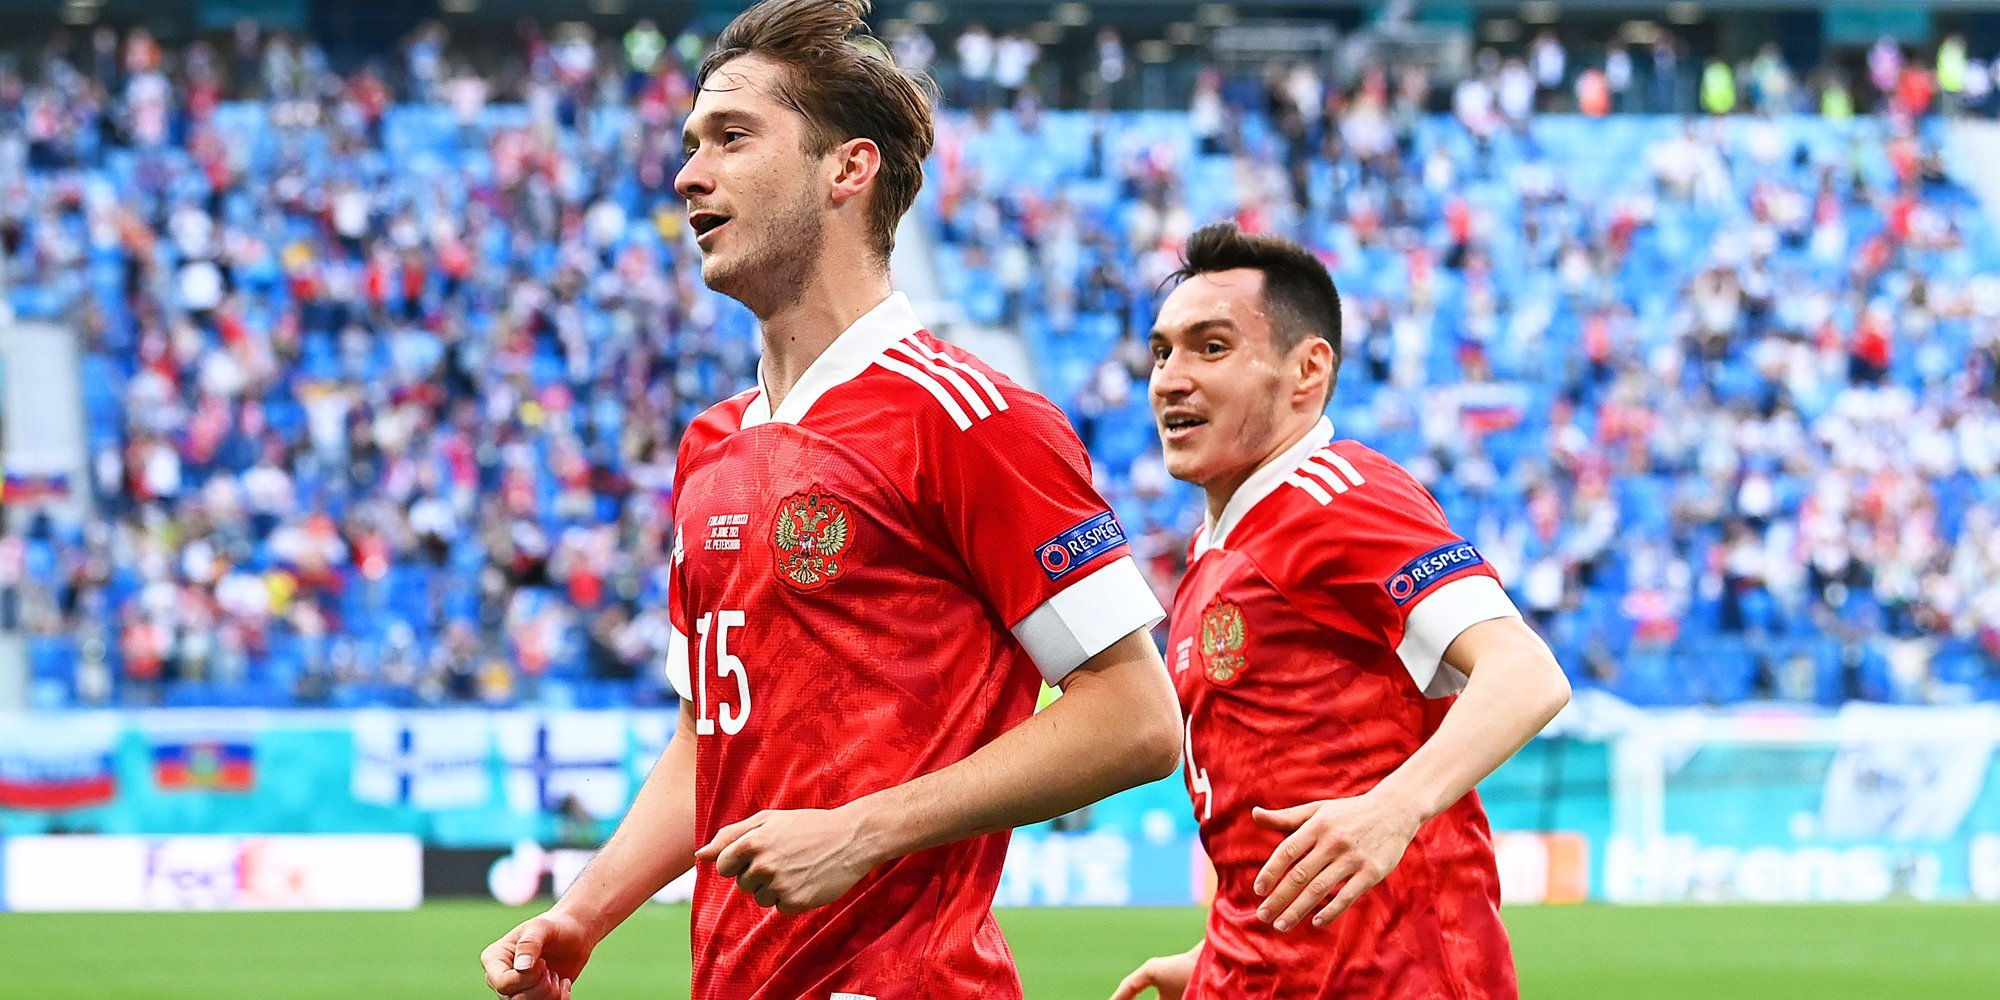 Британский журналист: «Миранчук и Головин — фантастические игроки. Но вы не умеете их использовать в сборной»